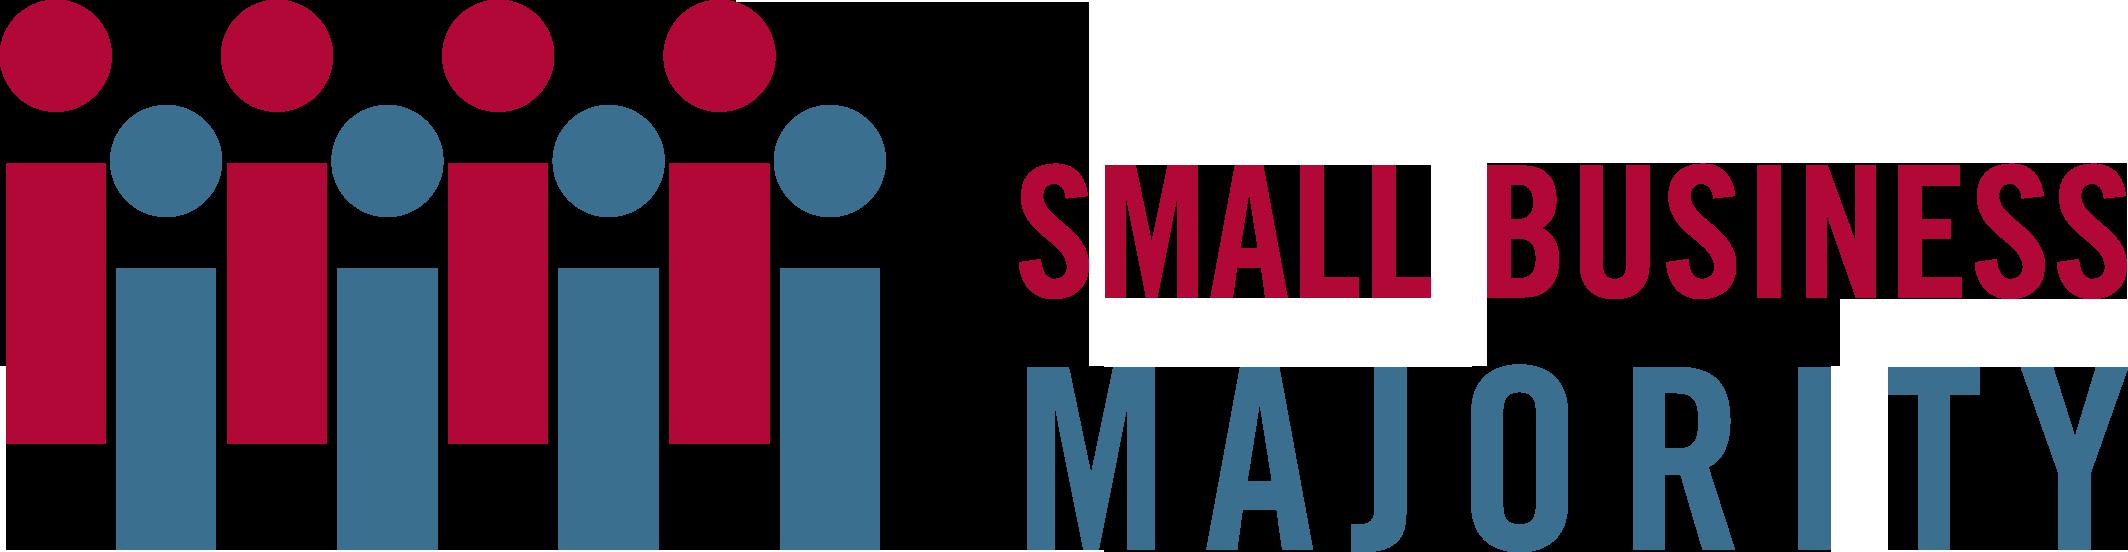 SBM_logo_highres_transp.png